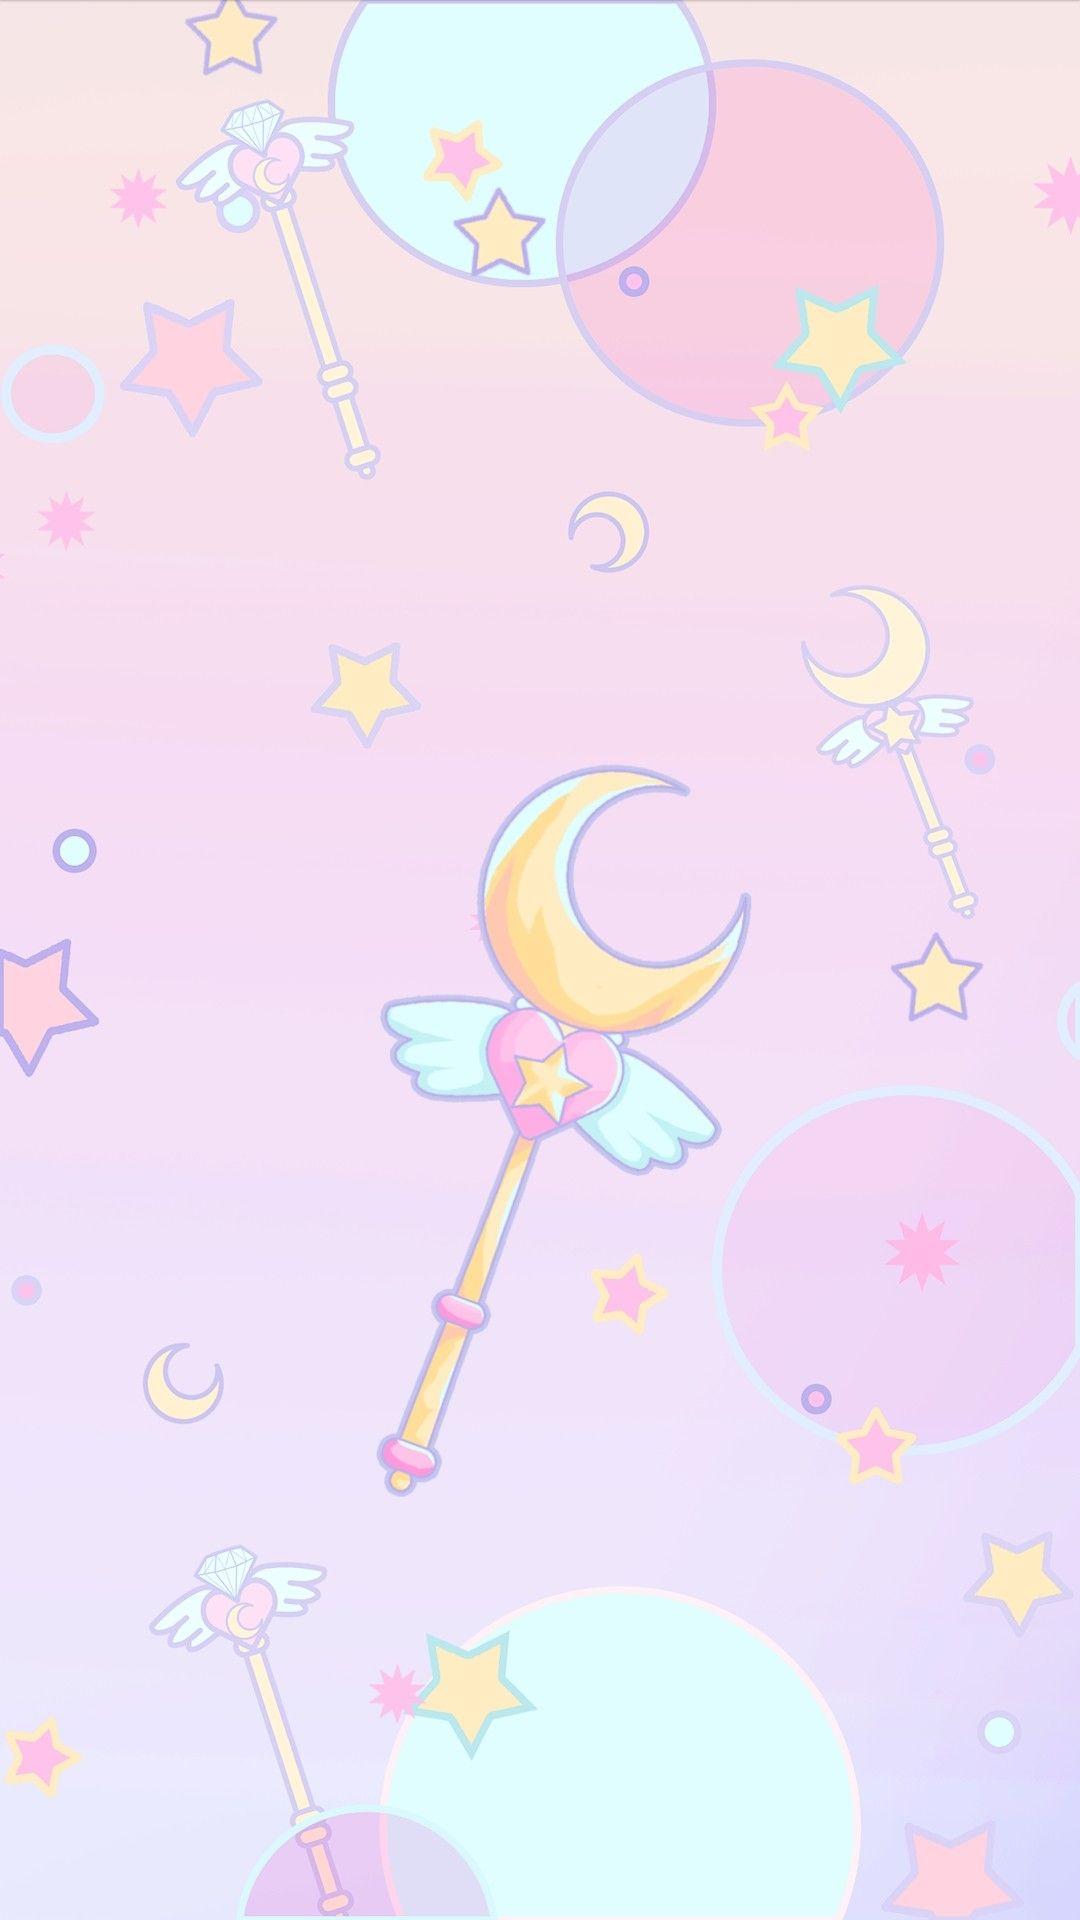 Pin By Magdalena Klaun On Pastel Kawaii Sailor Moon Wallpaper Sailor Moon Art Sailor Moon Background